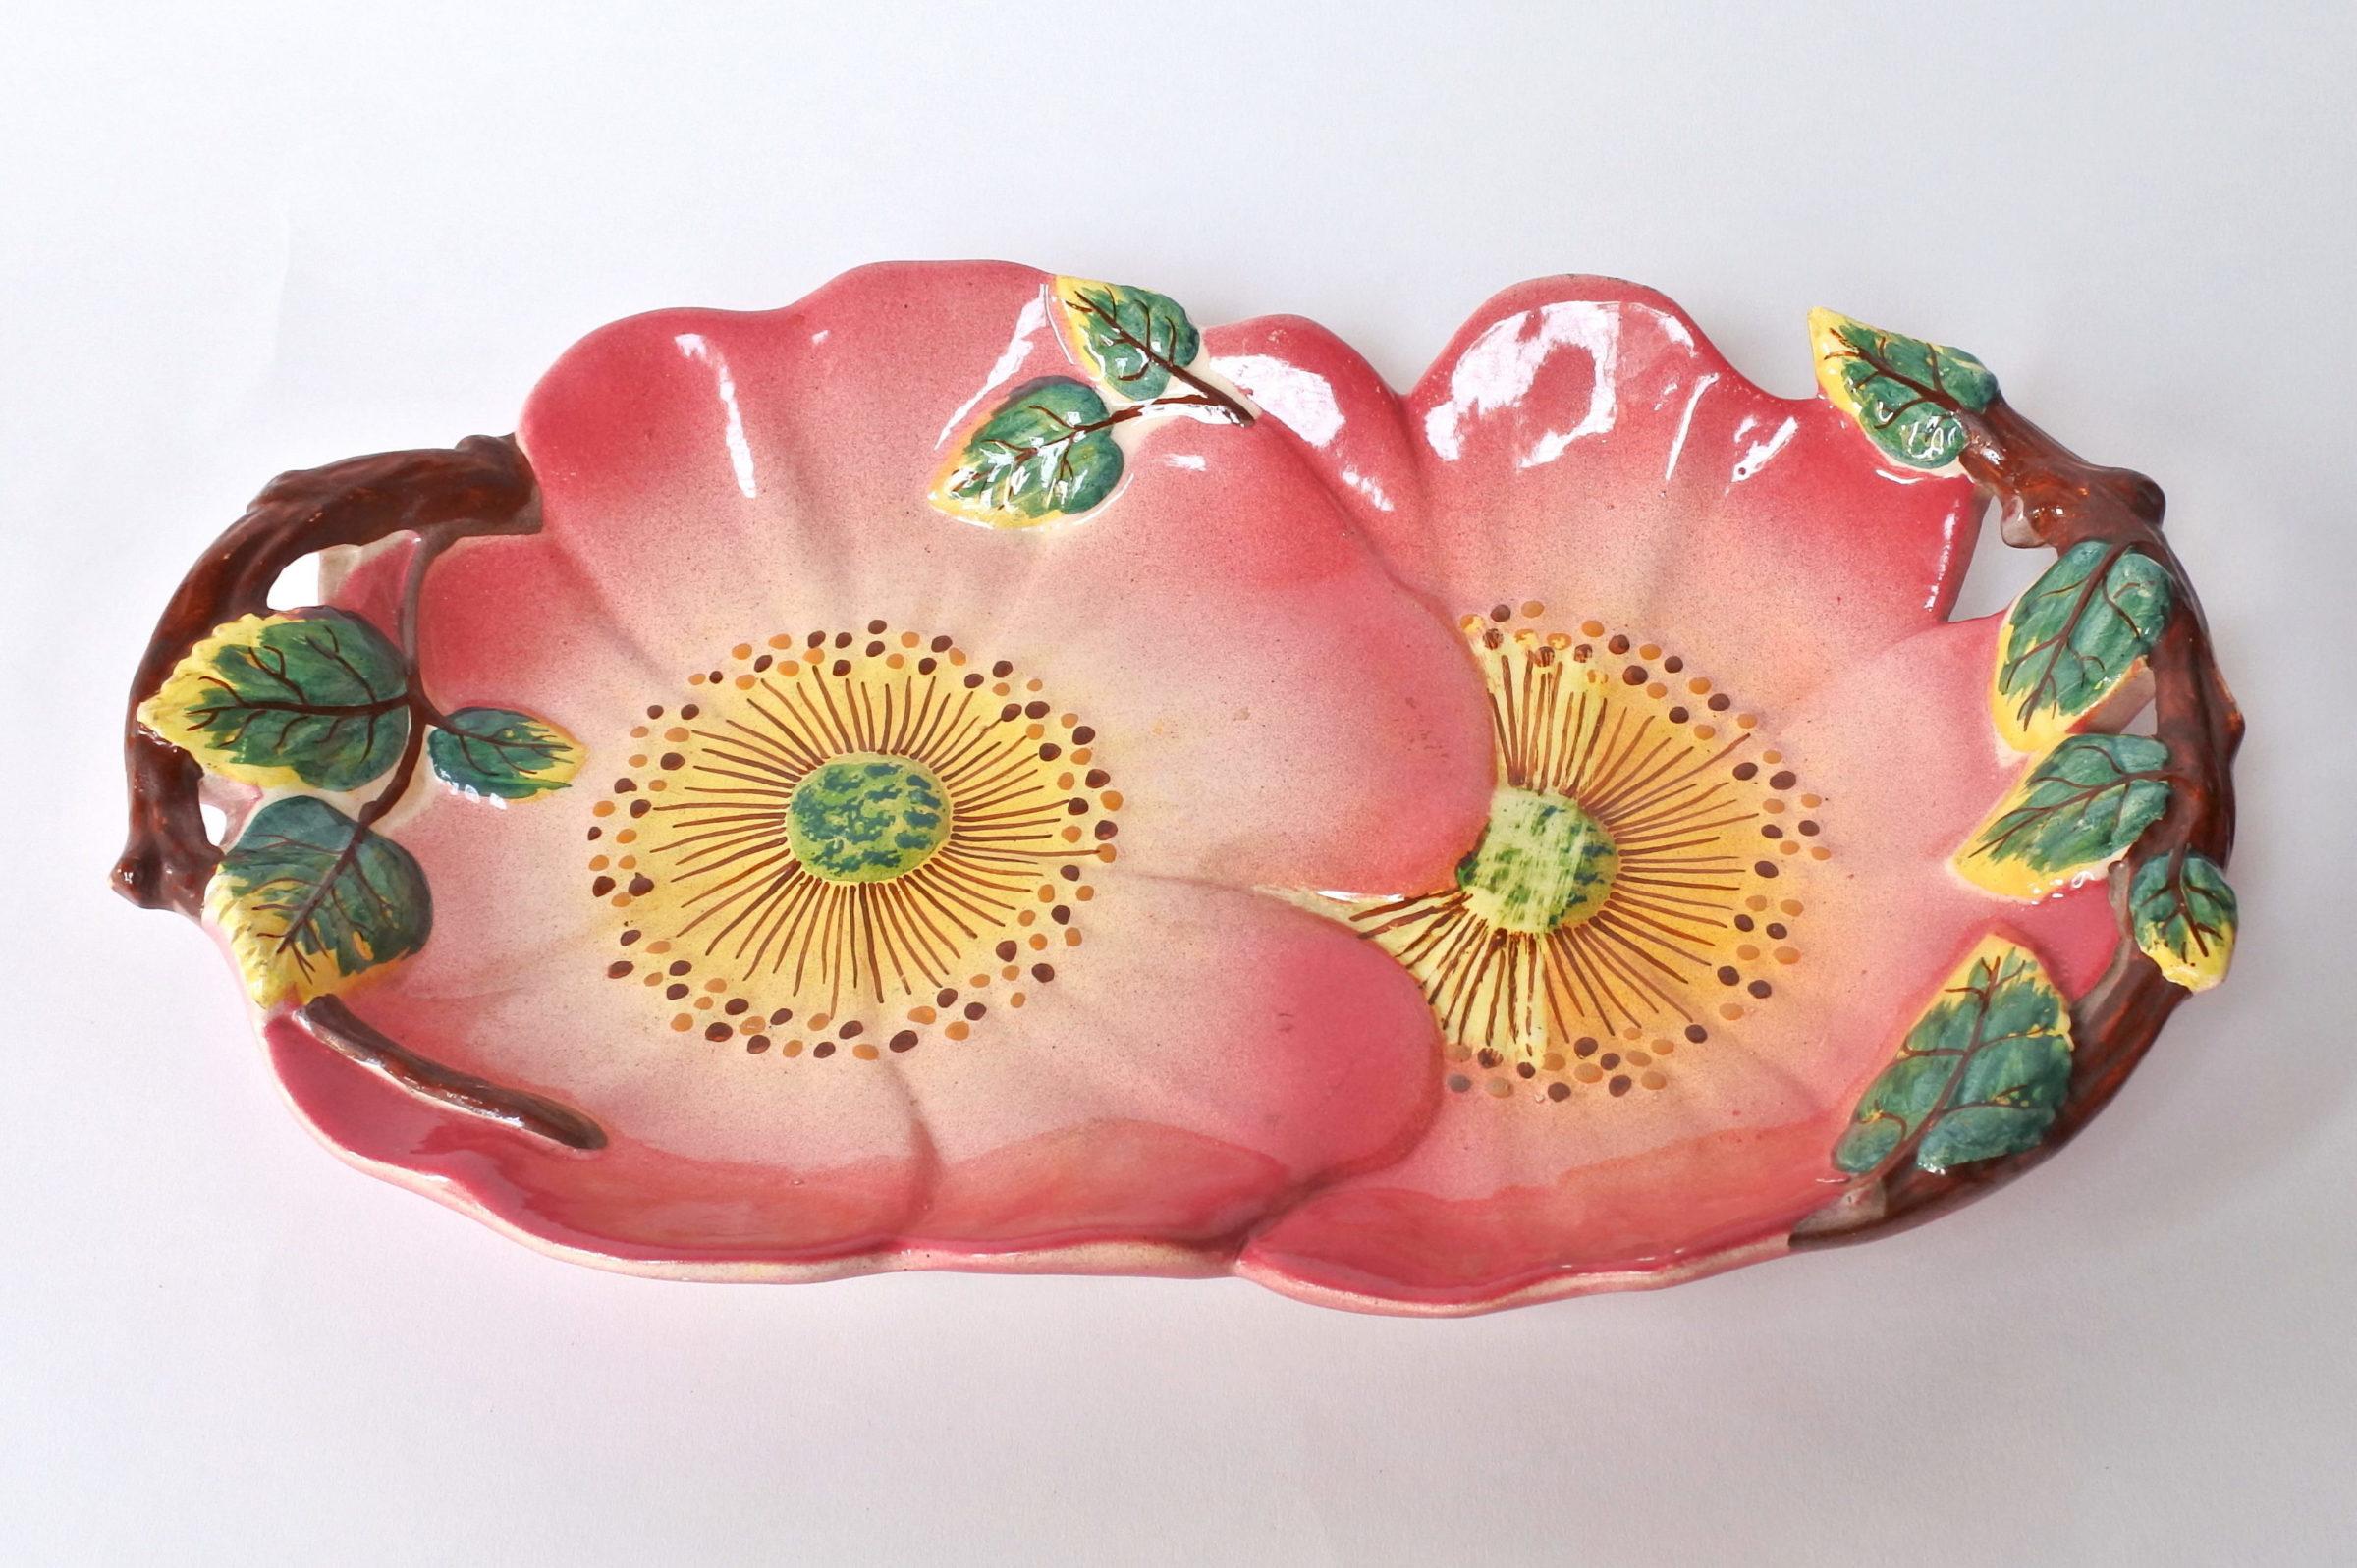 Piatto di servizio in ceramica barbotine a forma di rose canine - Massier